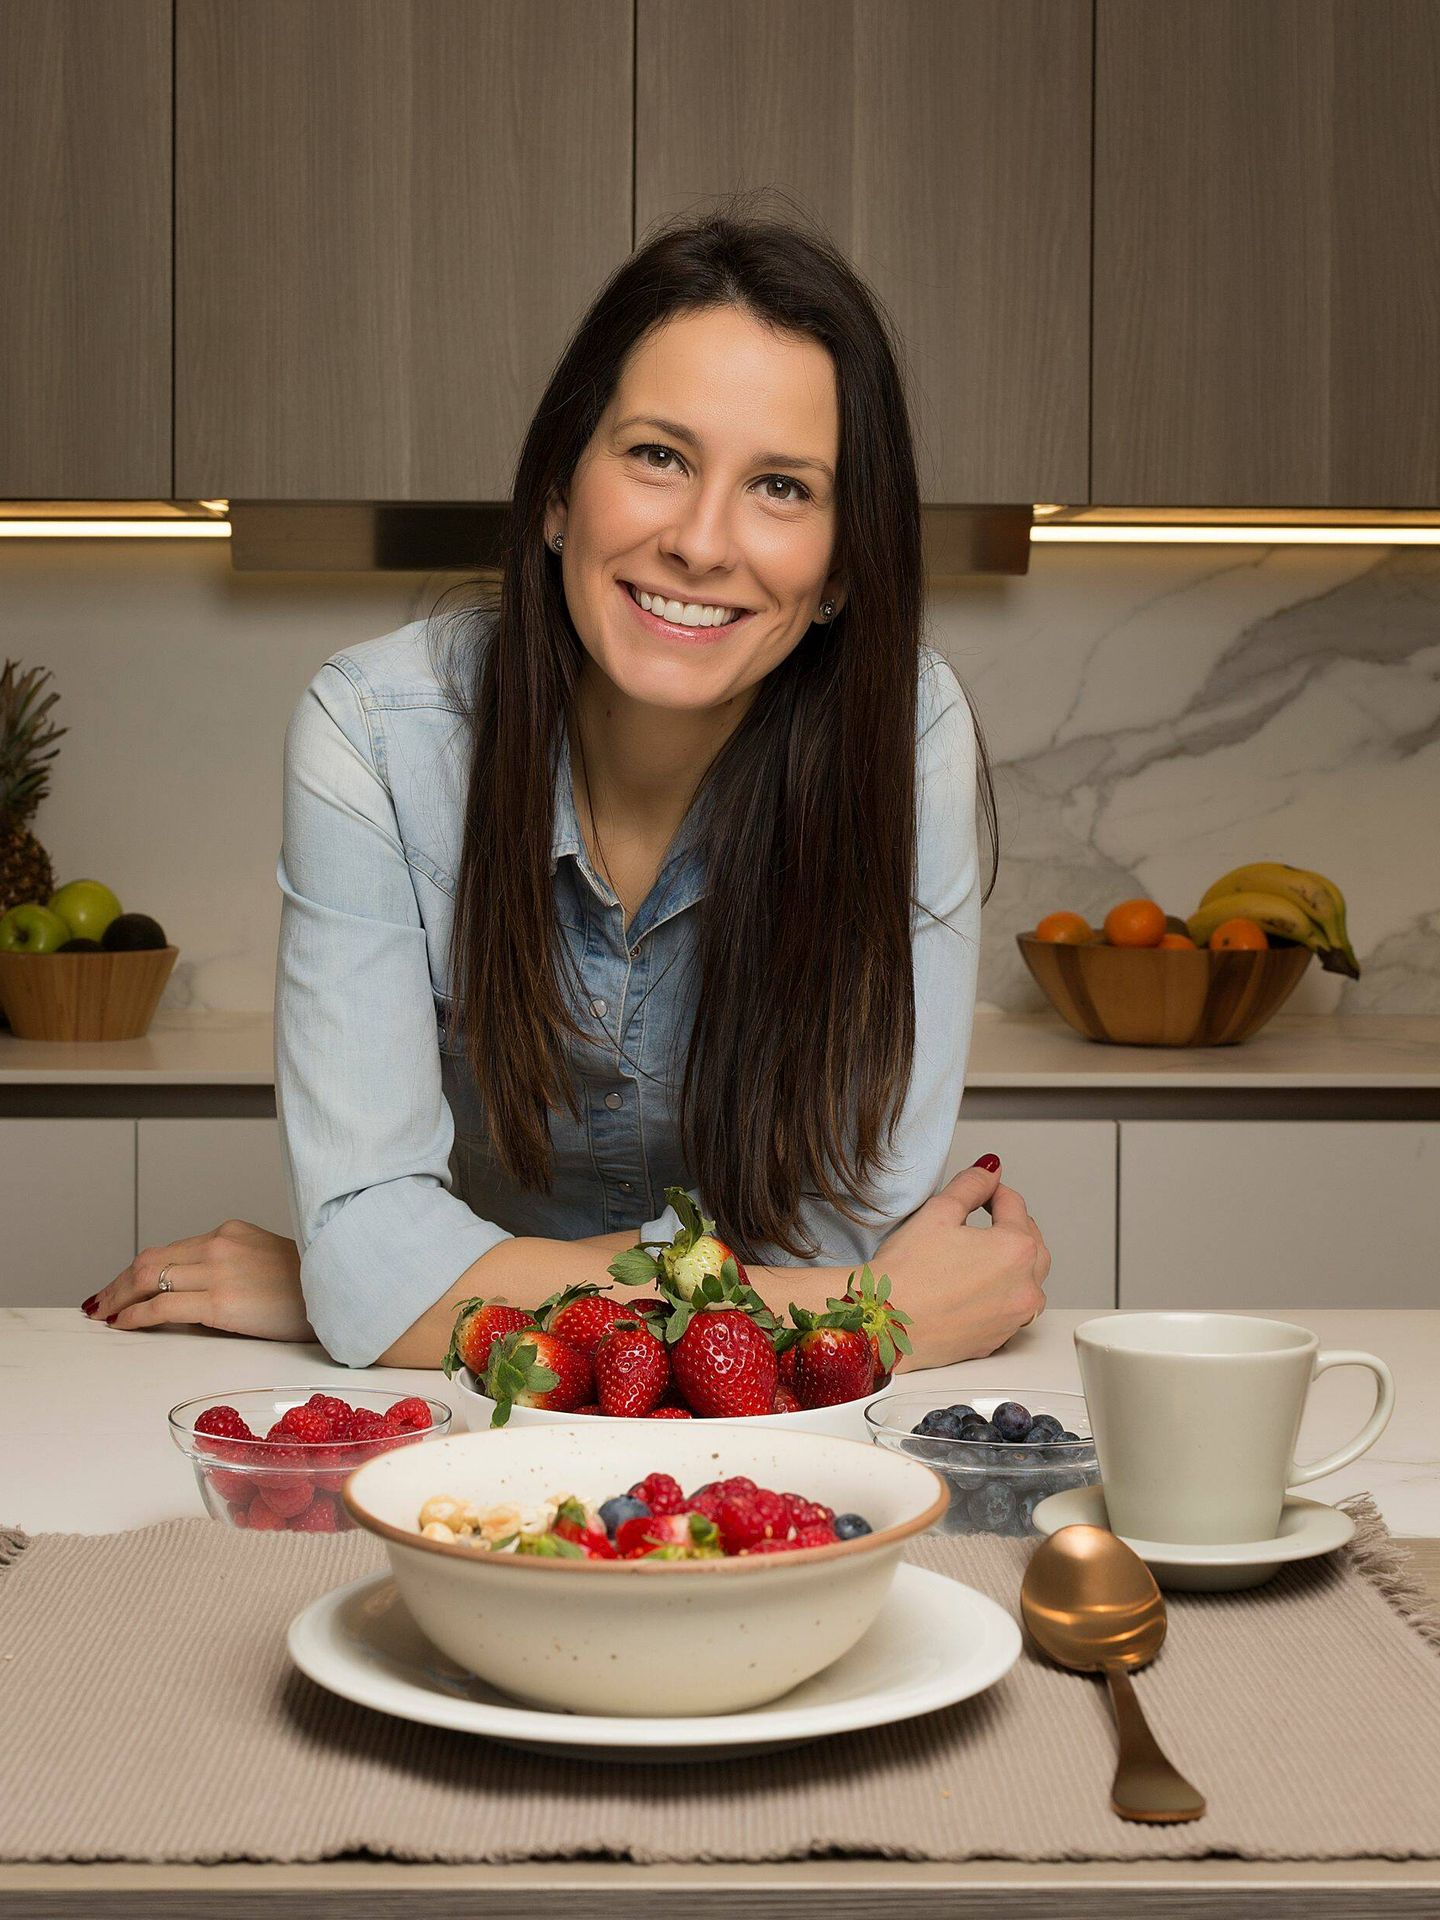 Celia García hace una clara apuesta por una alimentación saludable. Su perfil de IG es @thefitbowl. (Cortesía)